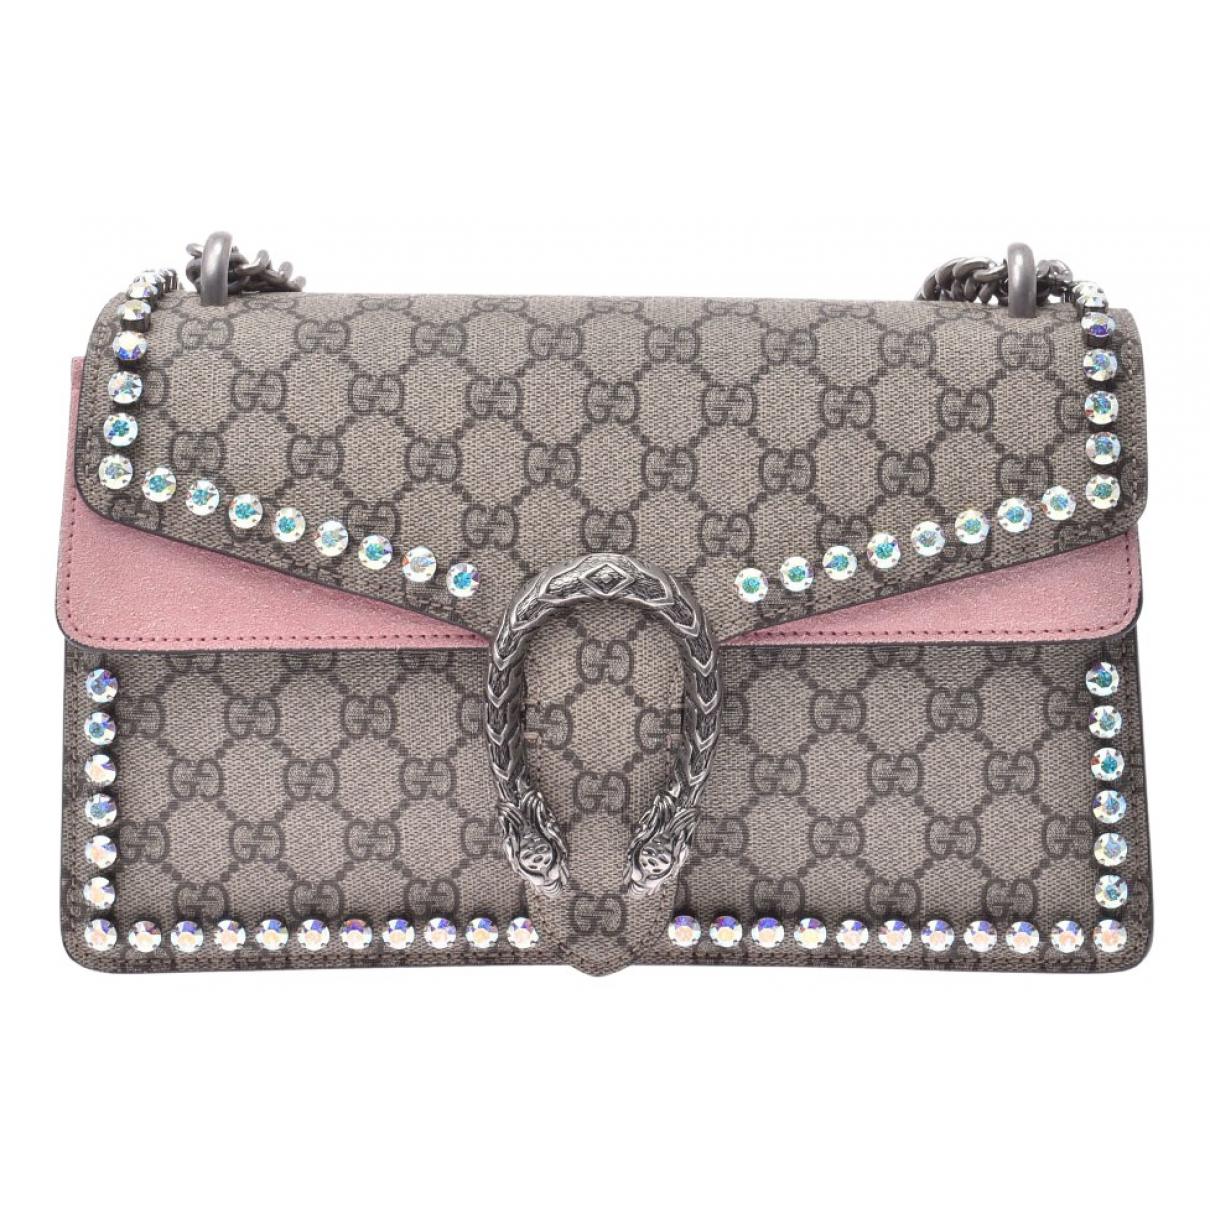 Gucci Dionysus Beige Cloth handbag for Women N